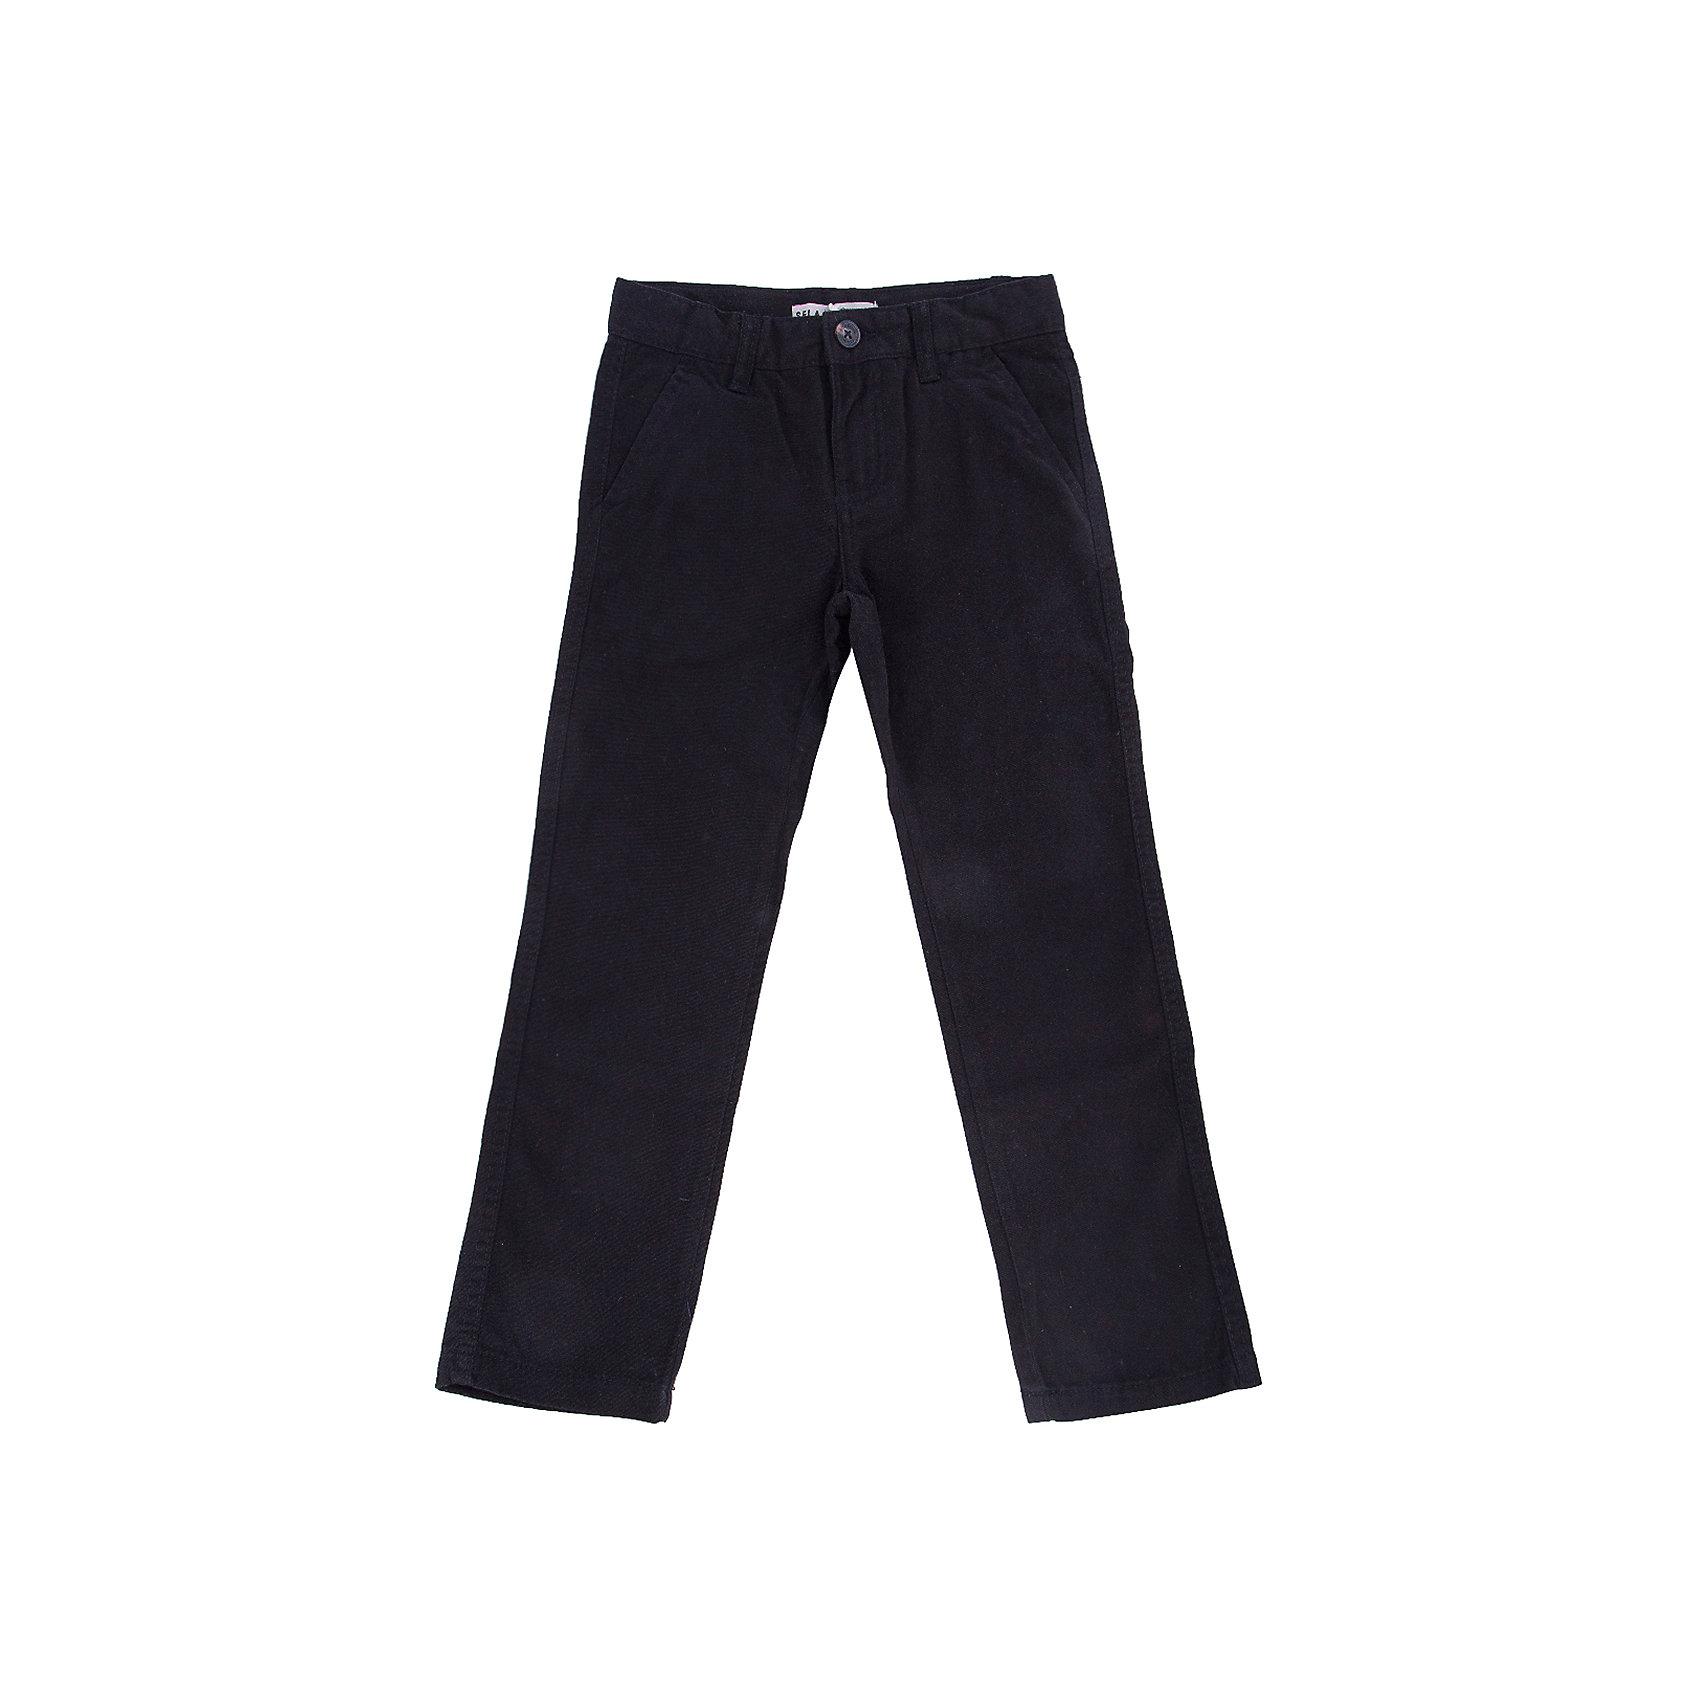 Брюки для мальчика SELAБрюки<br>Классические брюки - незаменимая вещь в детском гардеробе. Эта модель отлично сидит на ребенке, она сшита из плотного материала, натуральный хлопок не вызывает аллергии и обеспечивает ребенку комфорт. Модель станет отличной базовой вещью, которая будет уместна в различных сочетаниях.<br>Одежда от бренда Sela (Села) - это качество по приемлемым ценам. Многие российские родители уже оценили преимущества продукции этой компании и всё чаще приобретают одежду и аксессуары Sela.<br><br>Дополнительная информация:<br><br>прямой силуэт;<br>материал: 100% хлопок;<br>плотный материал.<br><br>Брюки для мальчика от бренда Sela можно купить в нашем интернет-магазине.<br><br>Ширина мм: 215<br>Глубина мм: 88<br>Высота мм: 191<br>Вес г: 336<br>Цвет: черный<br>Возраст от месяцев: 132<br>Возраст до месяцев: 144<br>Пол: Мужской<br>Возраст: Детский<br>Размер: 152,116,122,128,134,140,146<br>SKU: 4883592